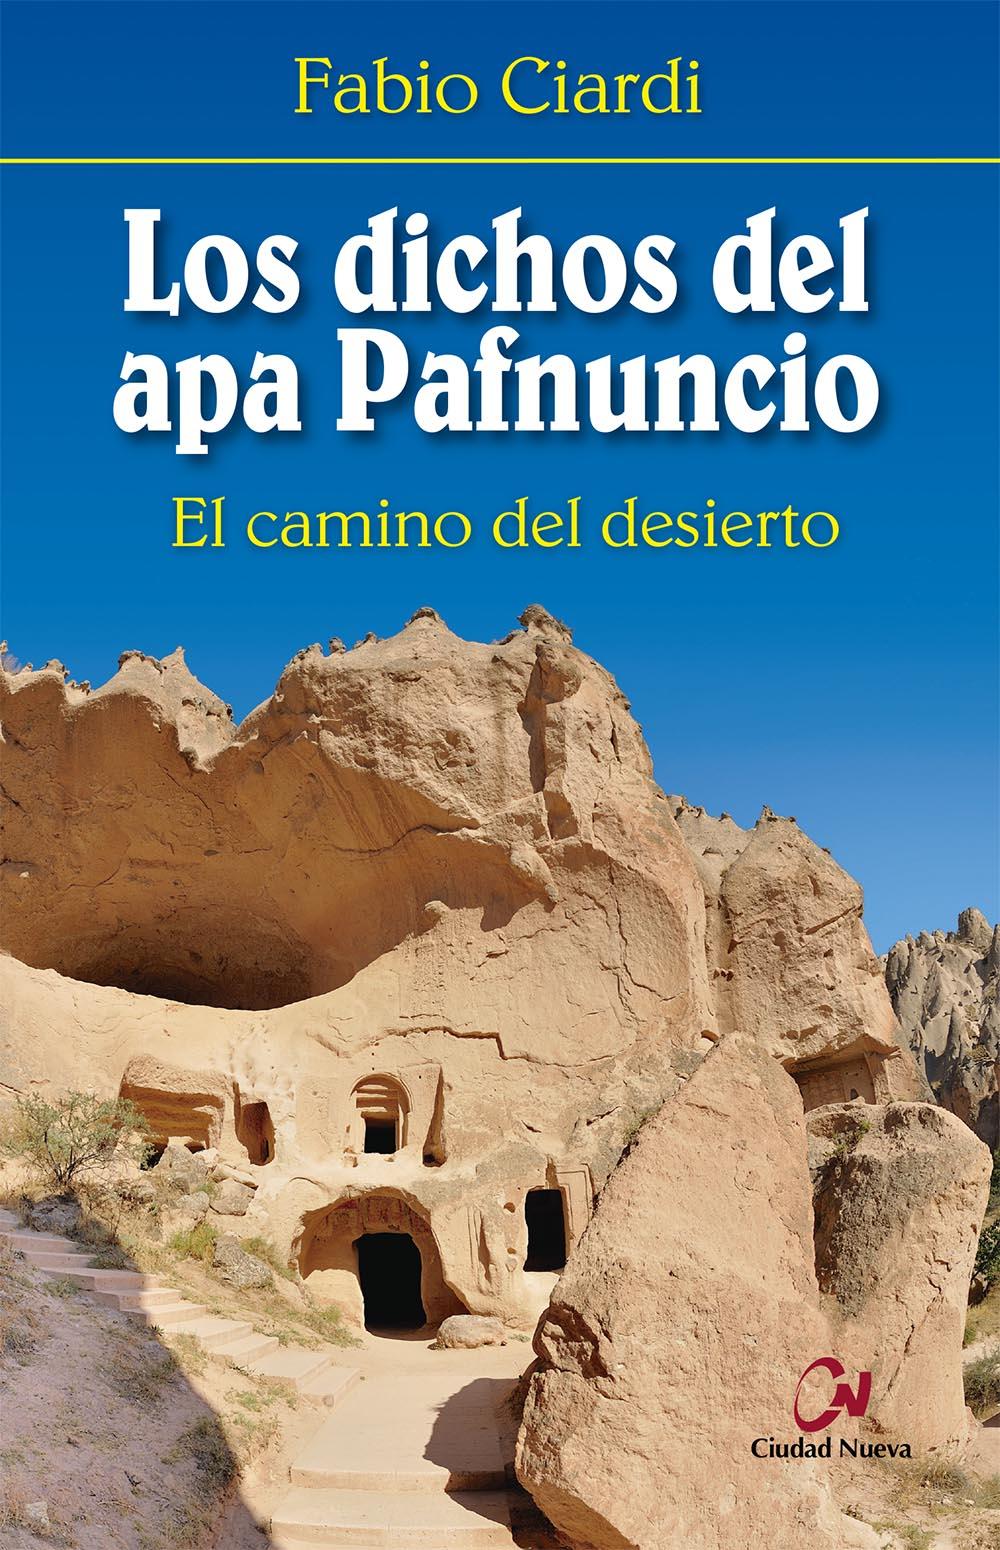 los-dichos-del-apa-pafnuncio